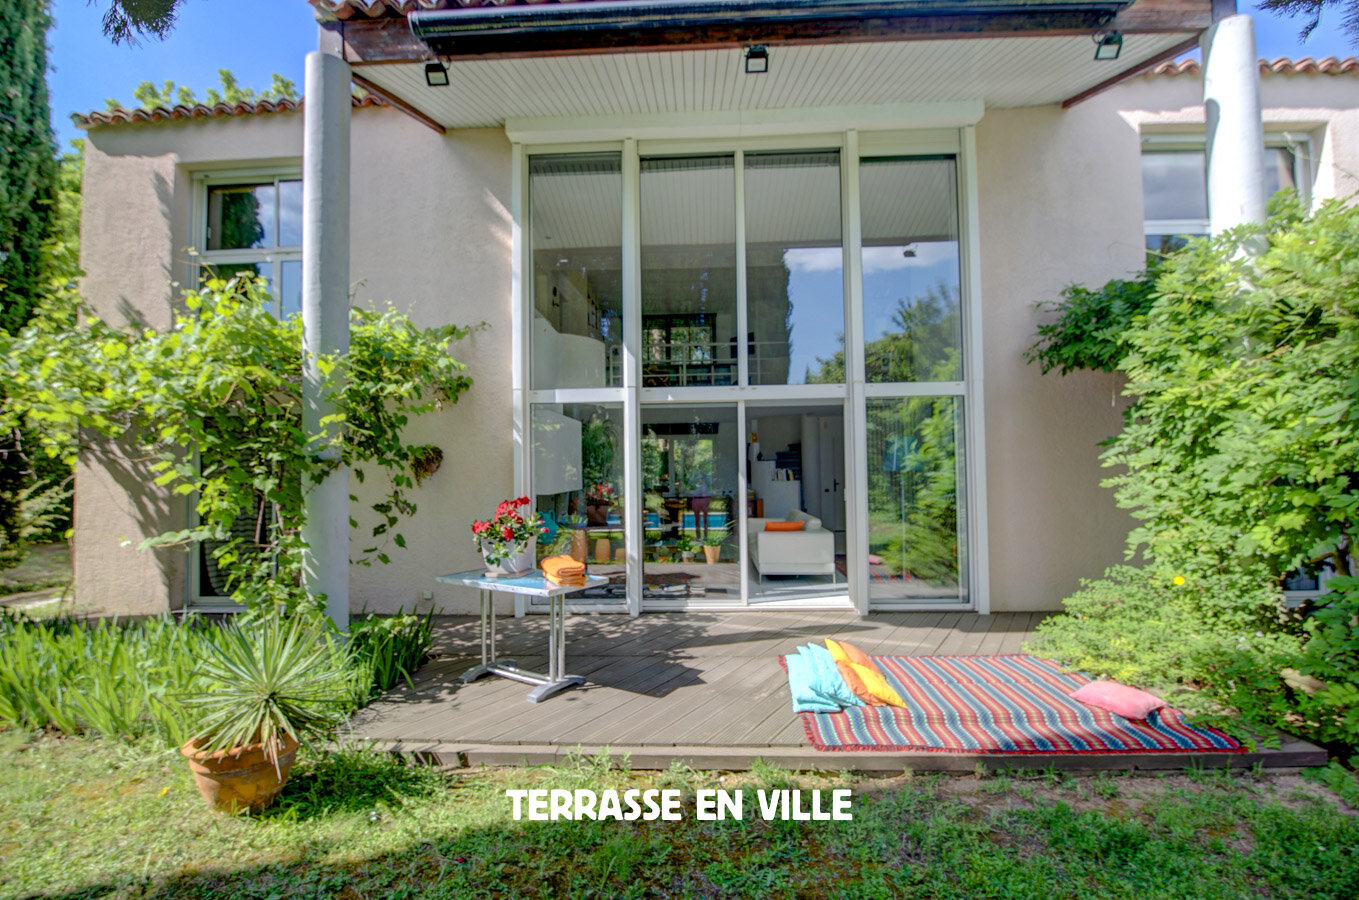 TERRASSE EN VILLE-9.jpg